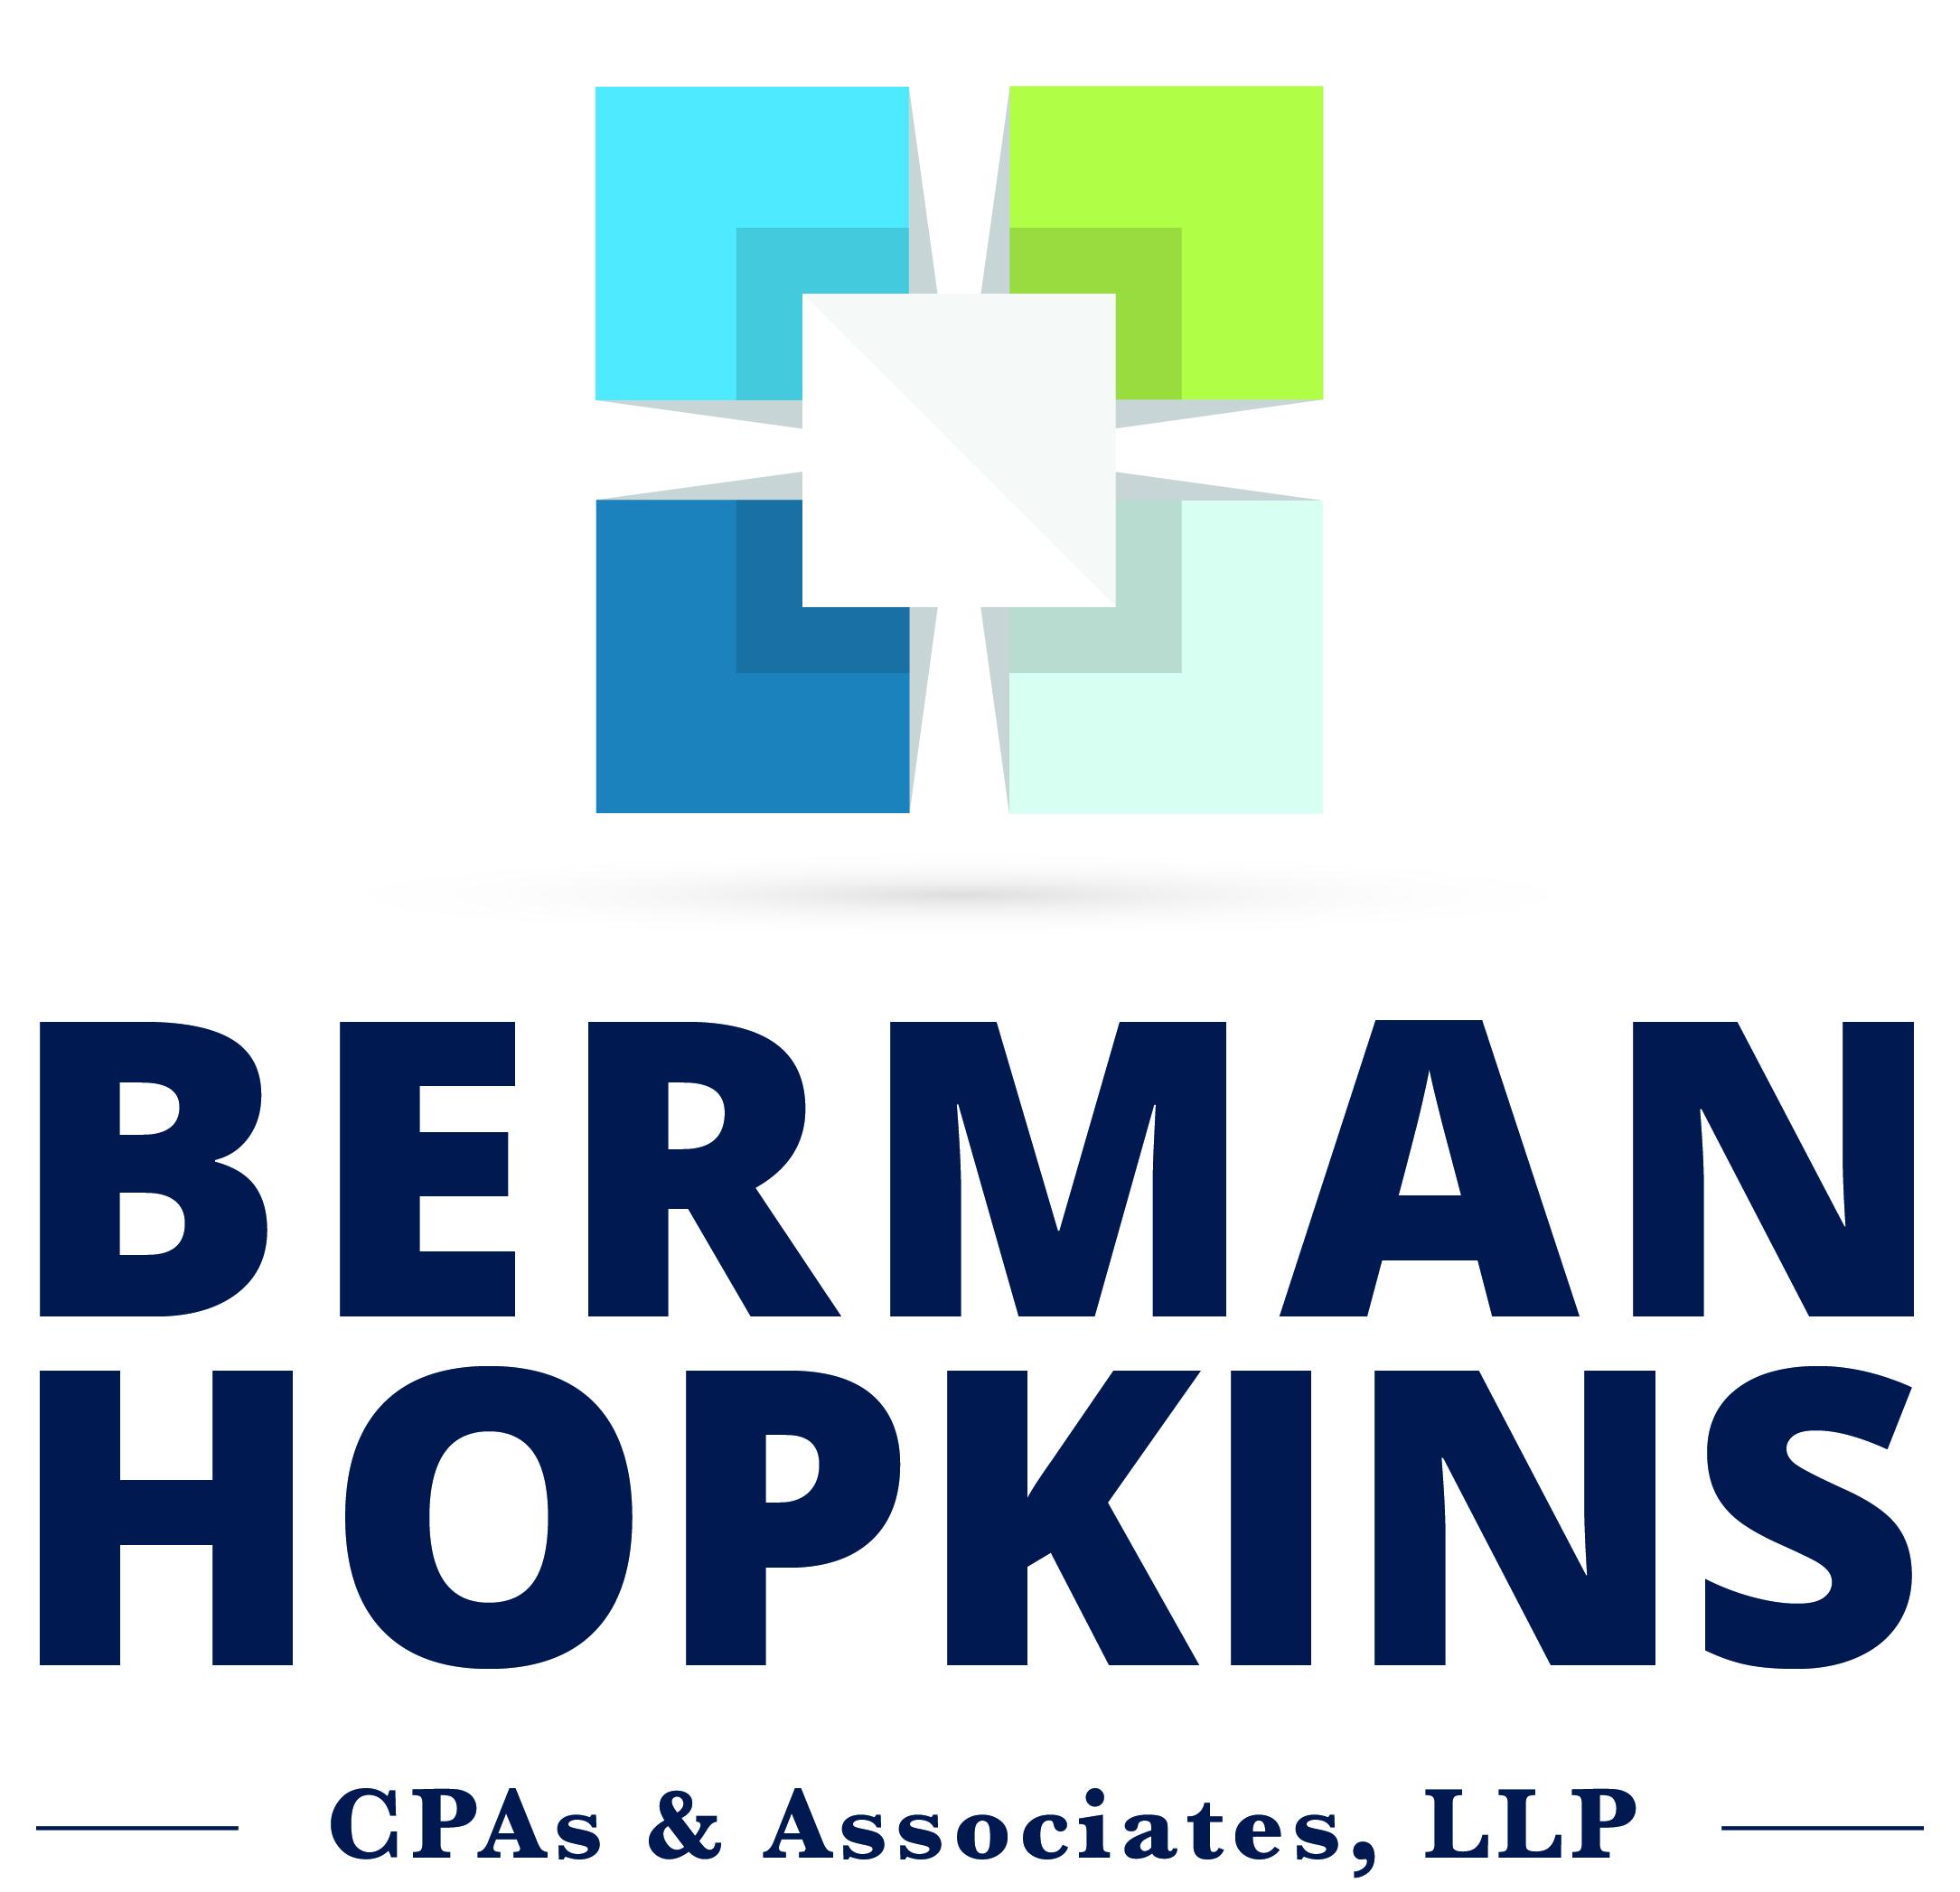 Berman Hopkins CPAs